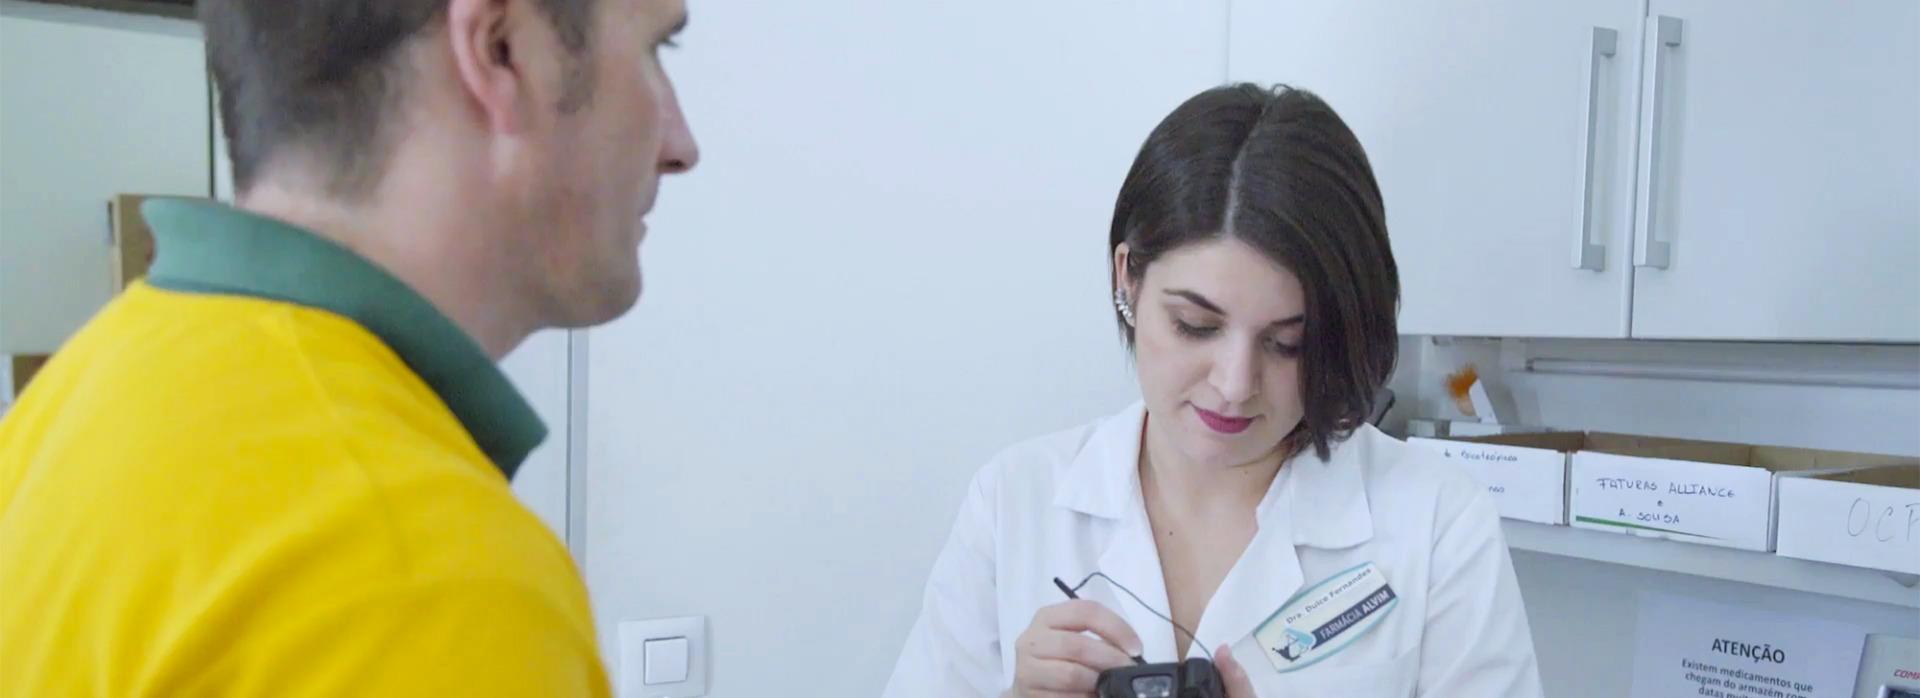 Torrespharma - entrega em farmácias